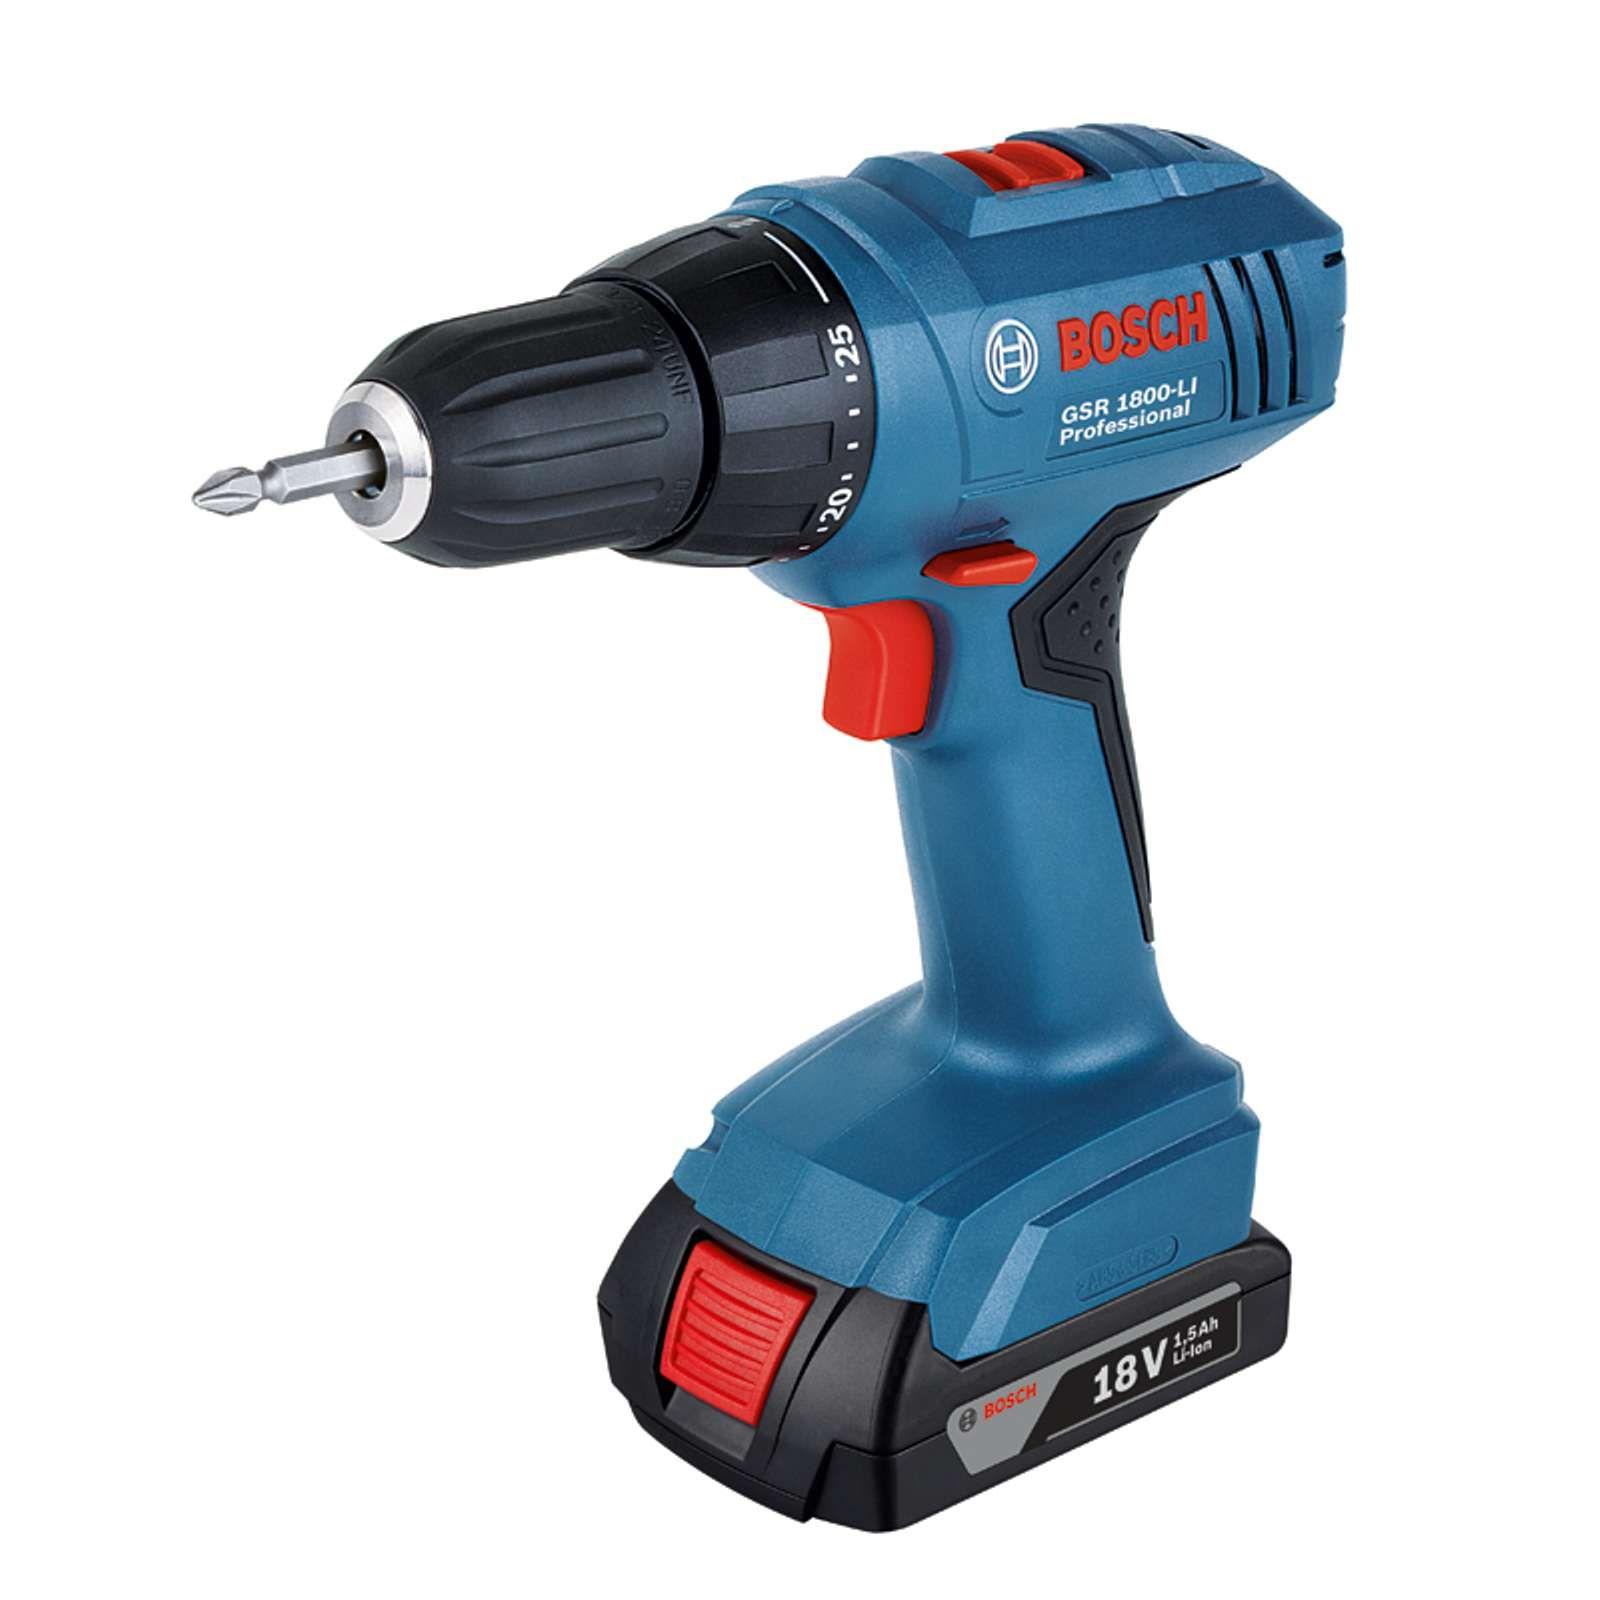 Bosch Cordless Drill Gsr 1800 Li 18v Cordless Drill Drill Driver Bosch